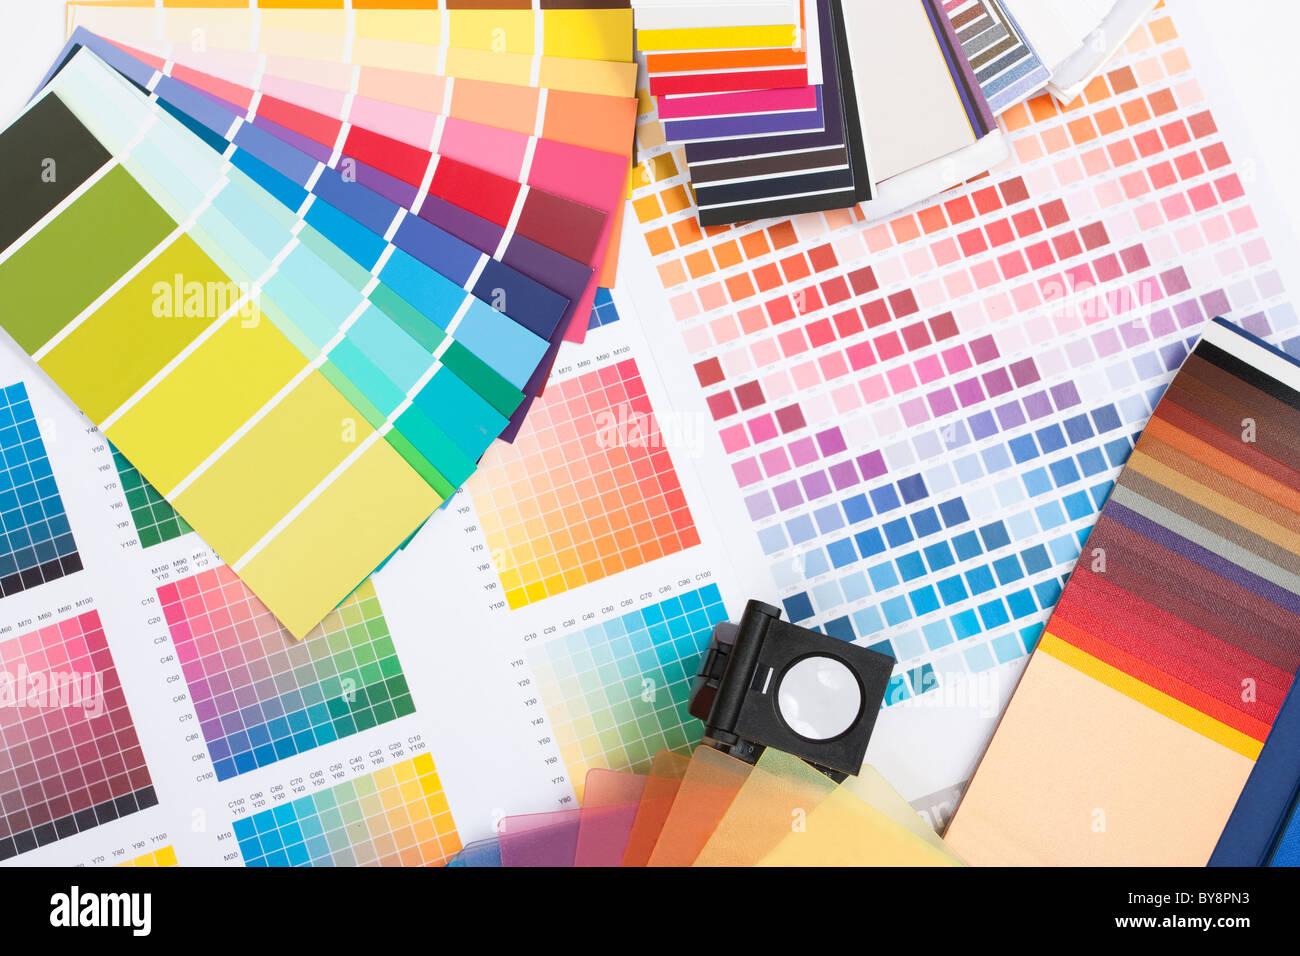 Spettro cromatico di campioni come usato da un designer grafico o pittore Immagini Stock